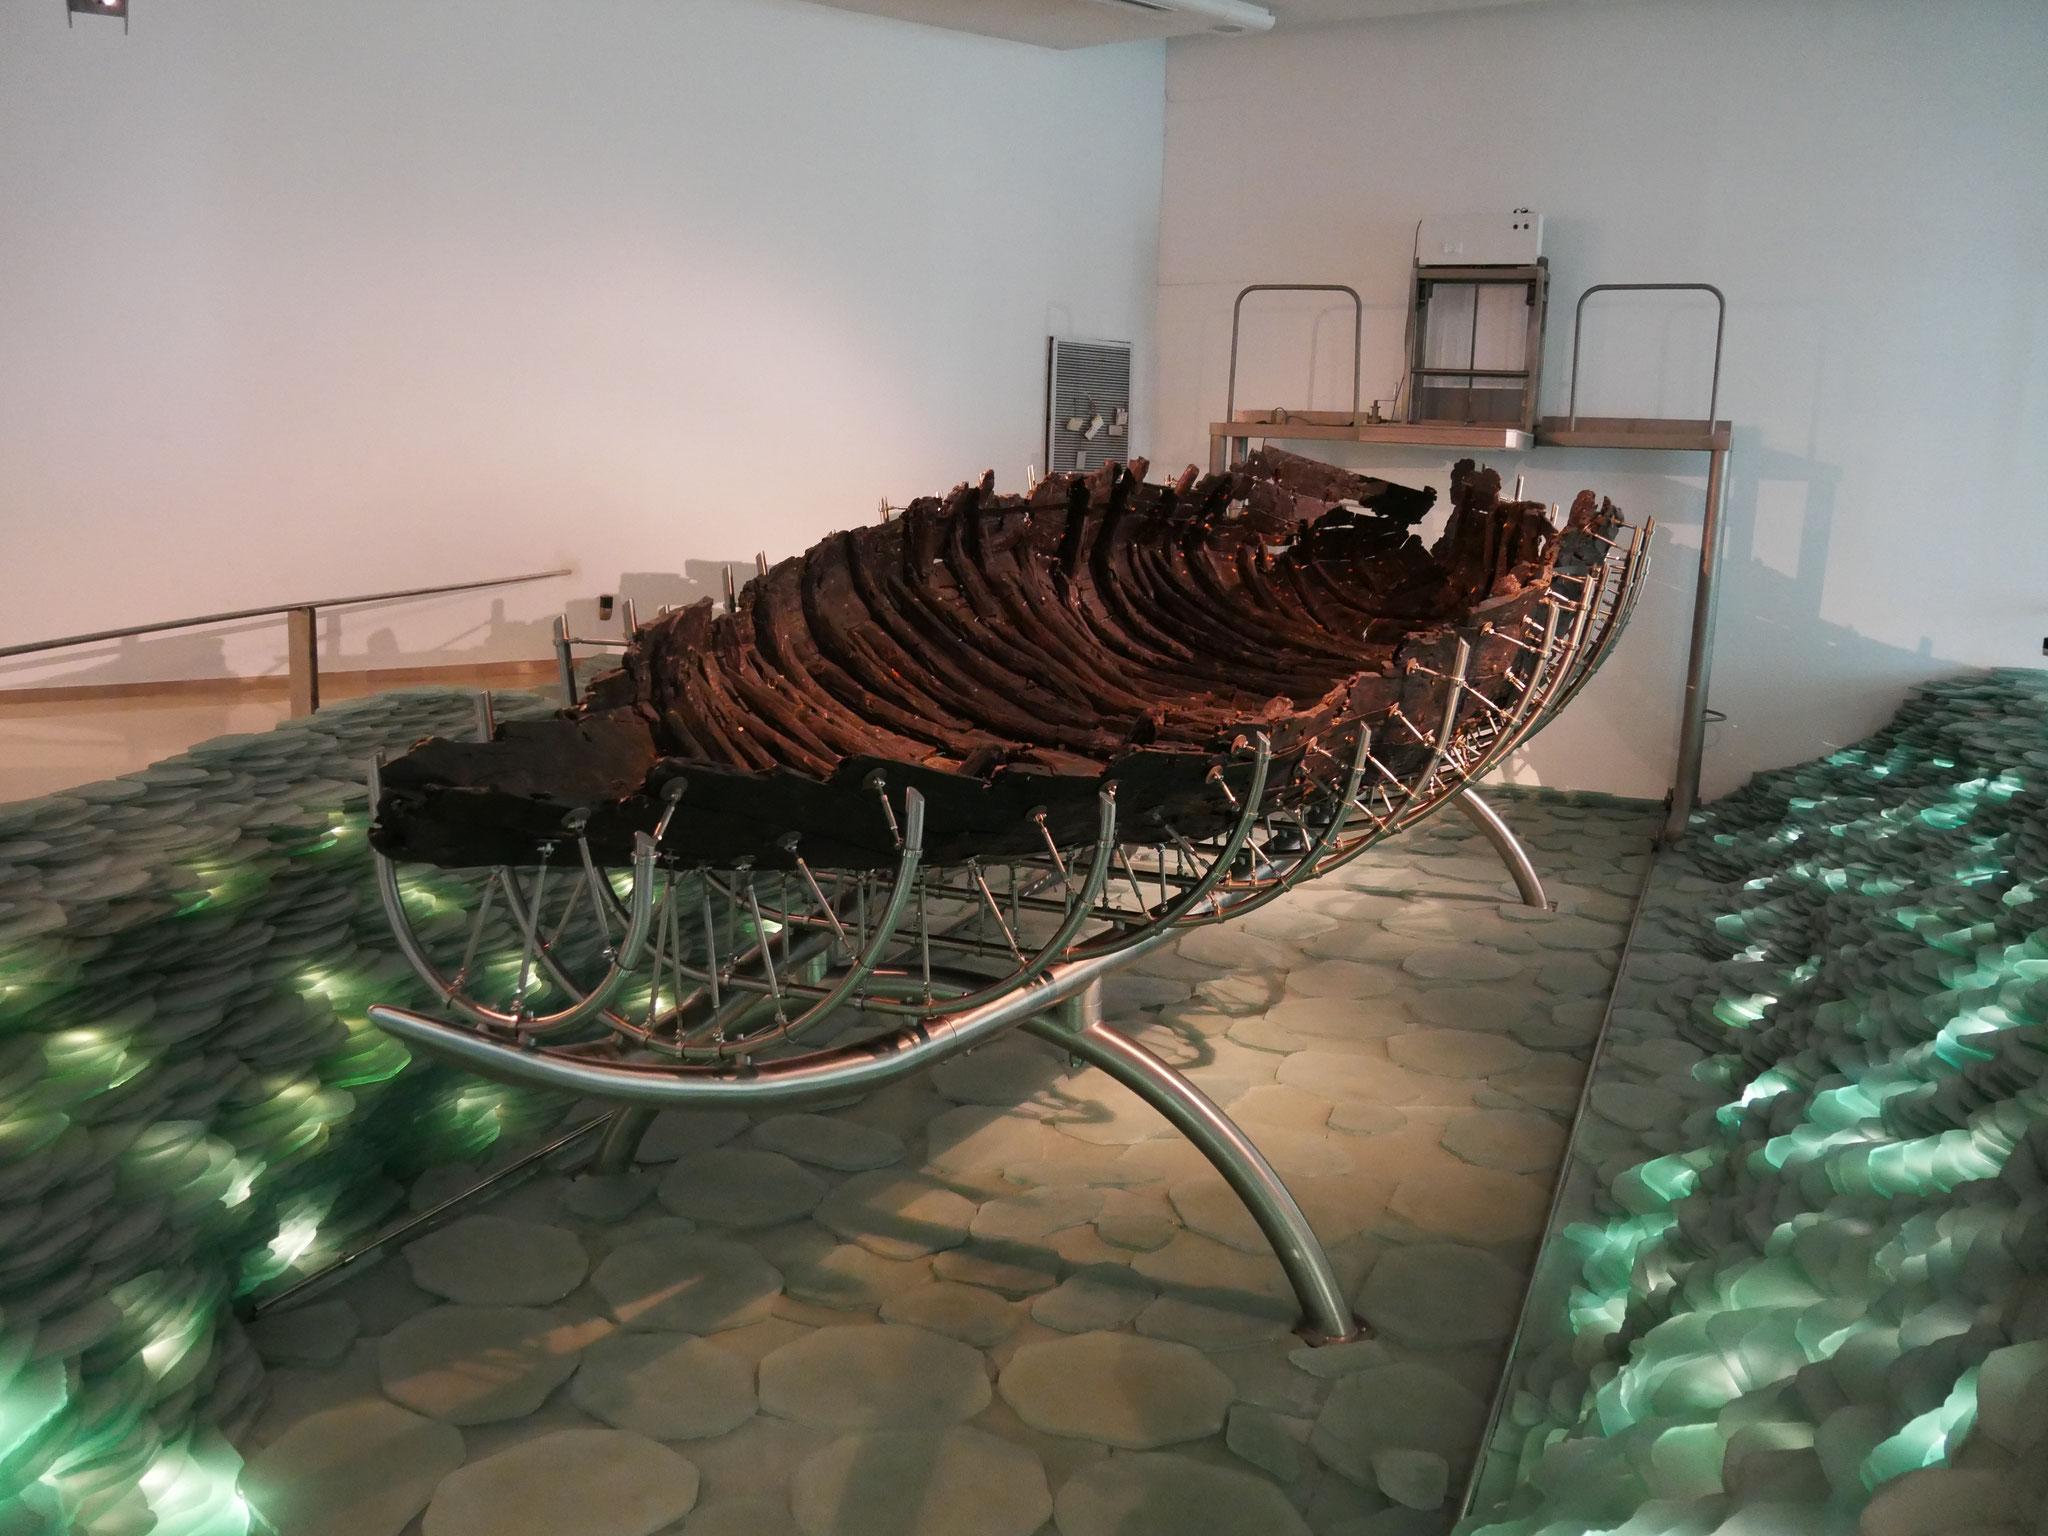 Das Galiläa-Boot - vor einigen Jahren geborgen